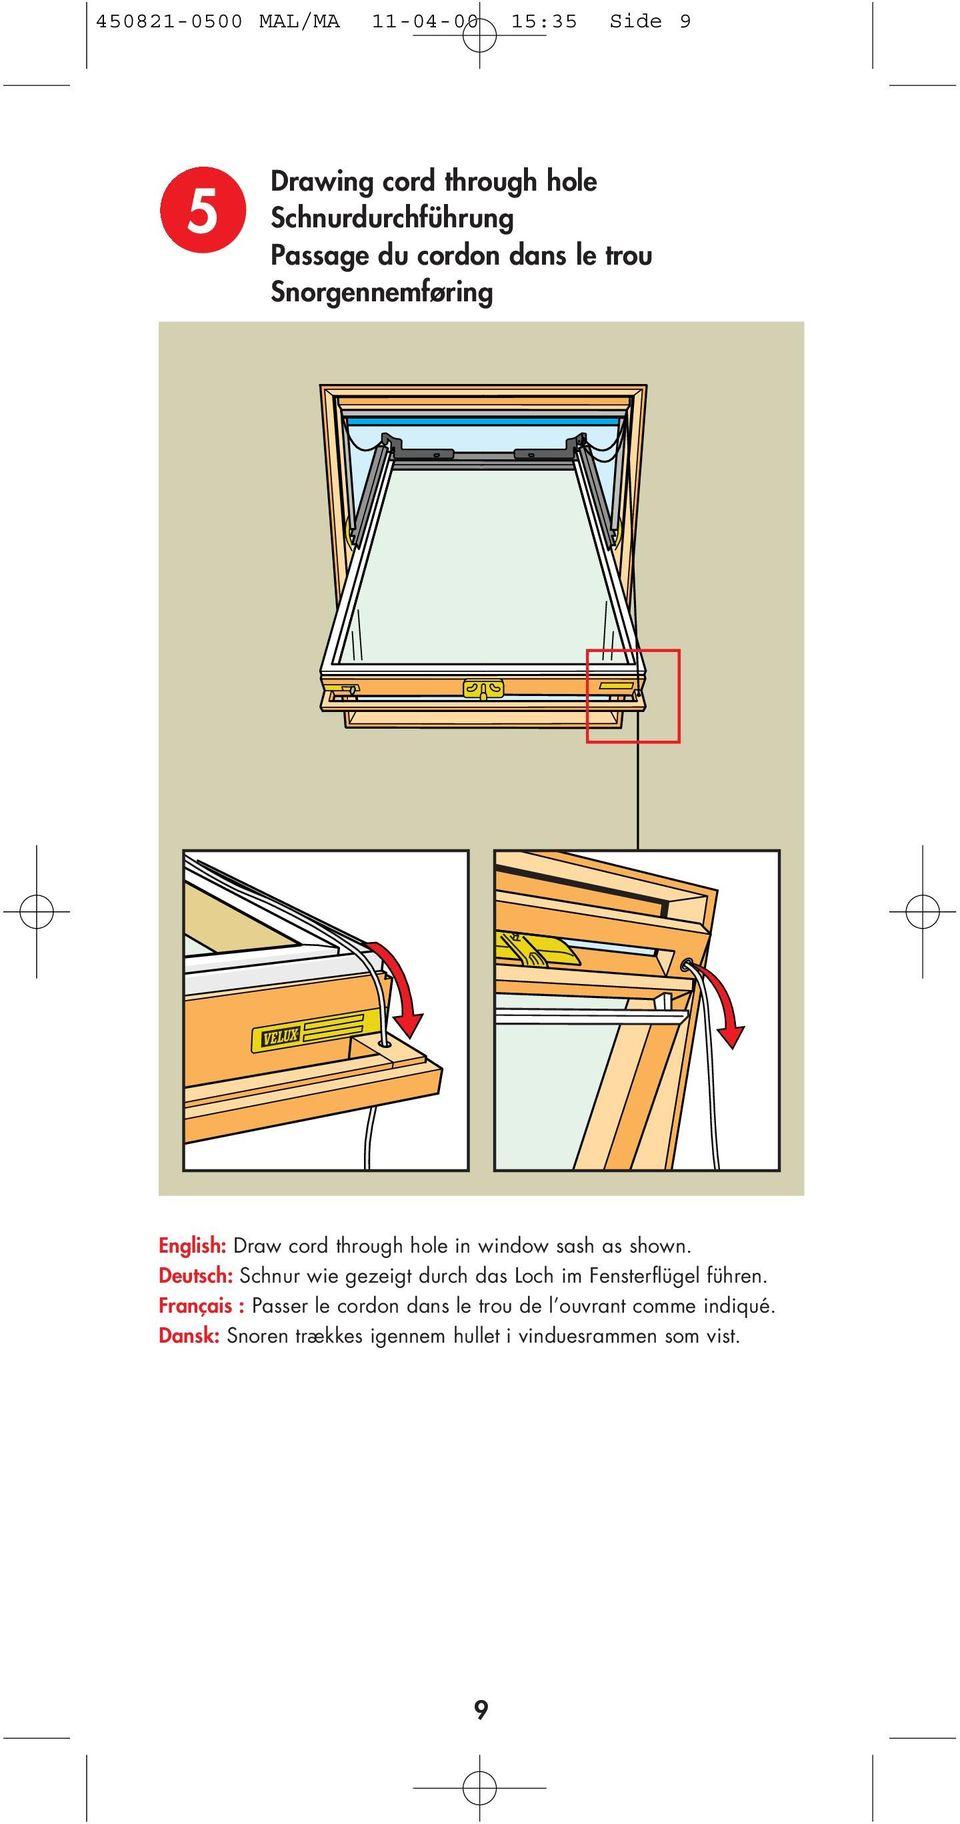 Full Size of Velux Rollo Schnurhalter Jalousie Rollo Schnurhalter Typ Ves Dachfenster Unten Mit Konsolen Ersatzteile Fenster Einbauen Kaufen Preise Wohnzimmer Velux Schnurhalter